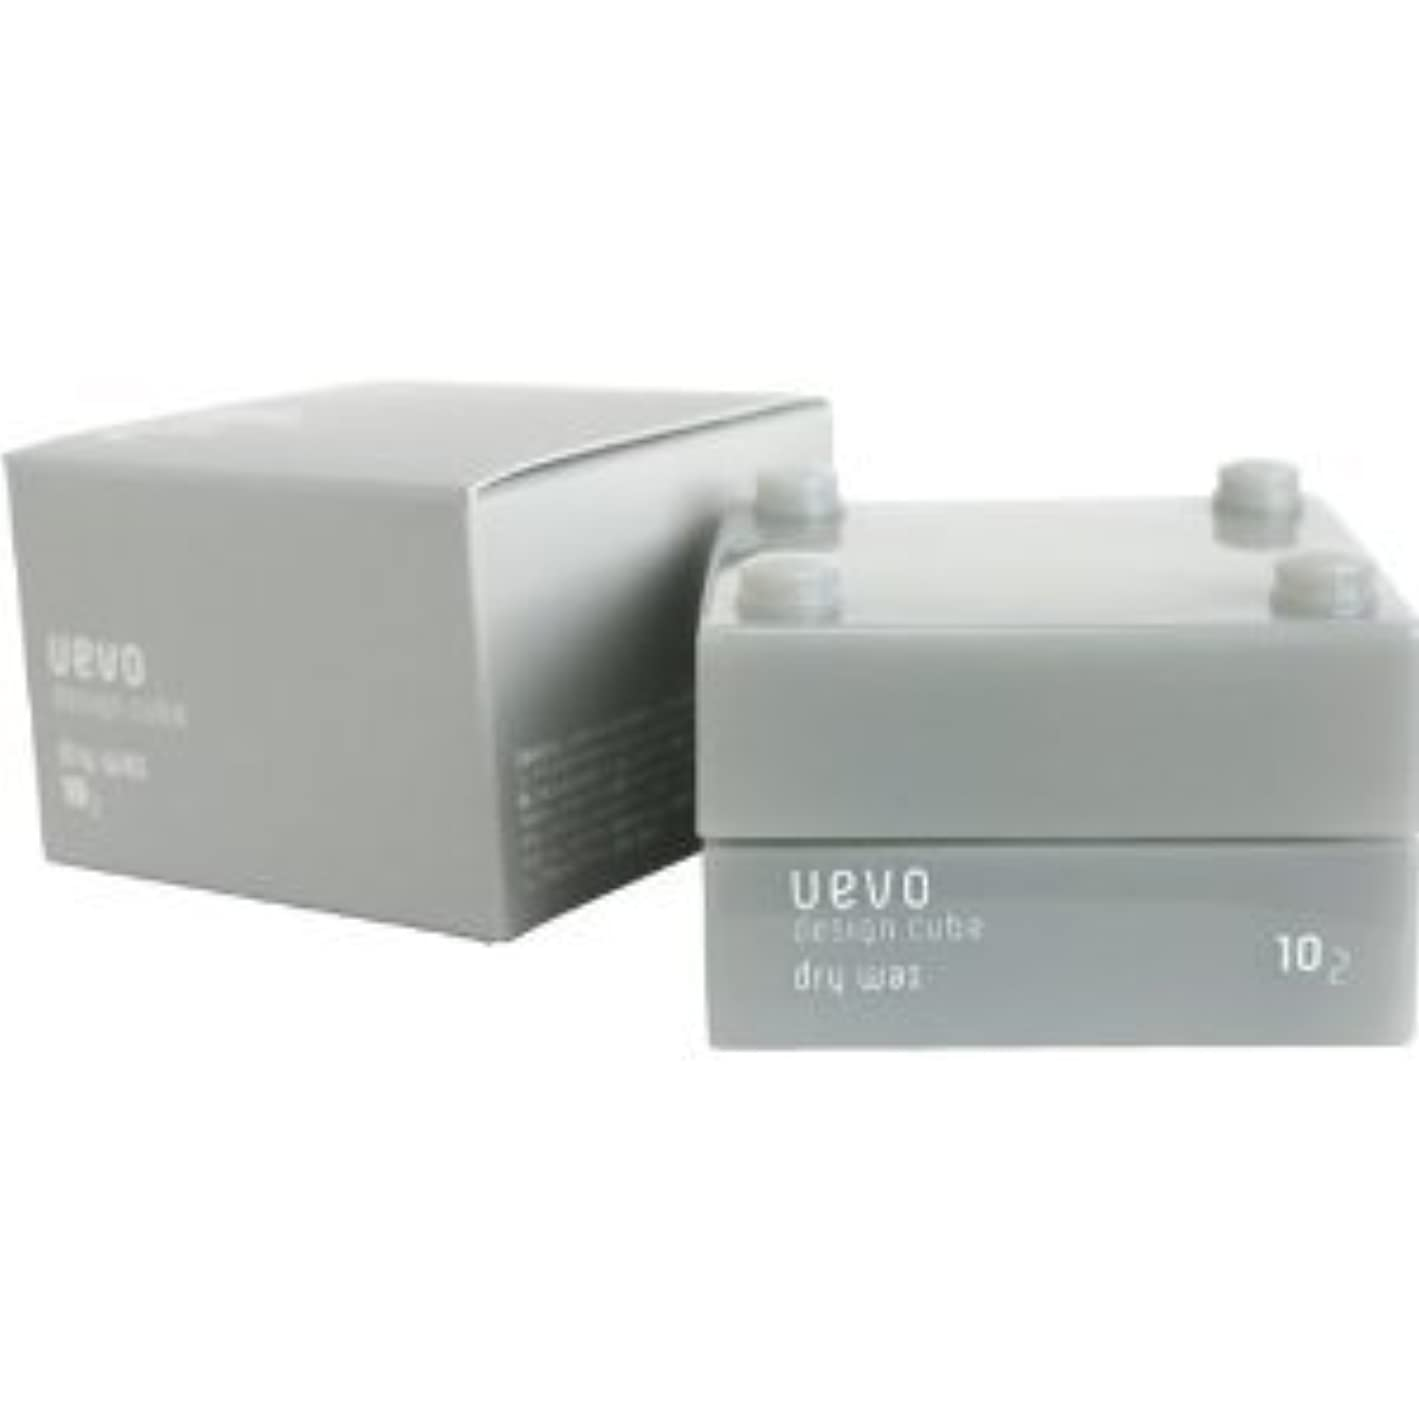 拒絶自分の達成する【X2個セット】 デミ ウェーボ デザインキューブ ドライワックス 30g dry wax DEMI uevo design cube